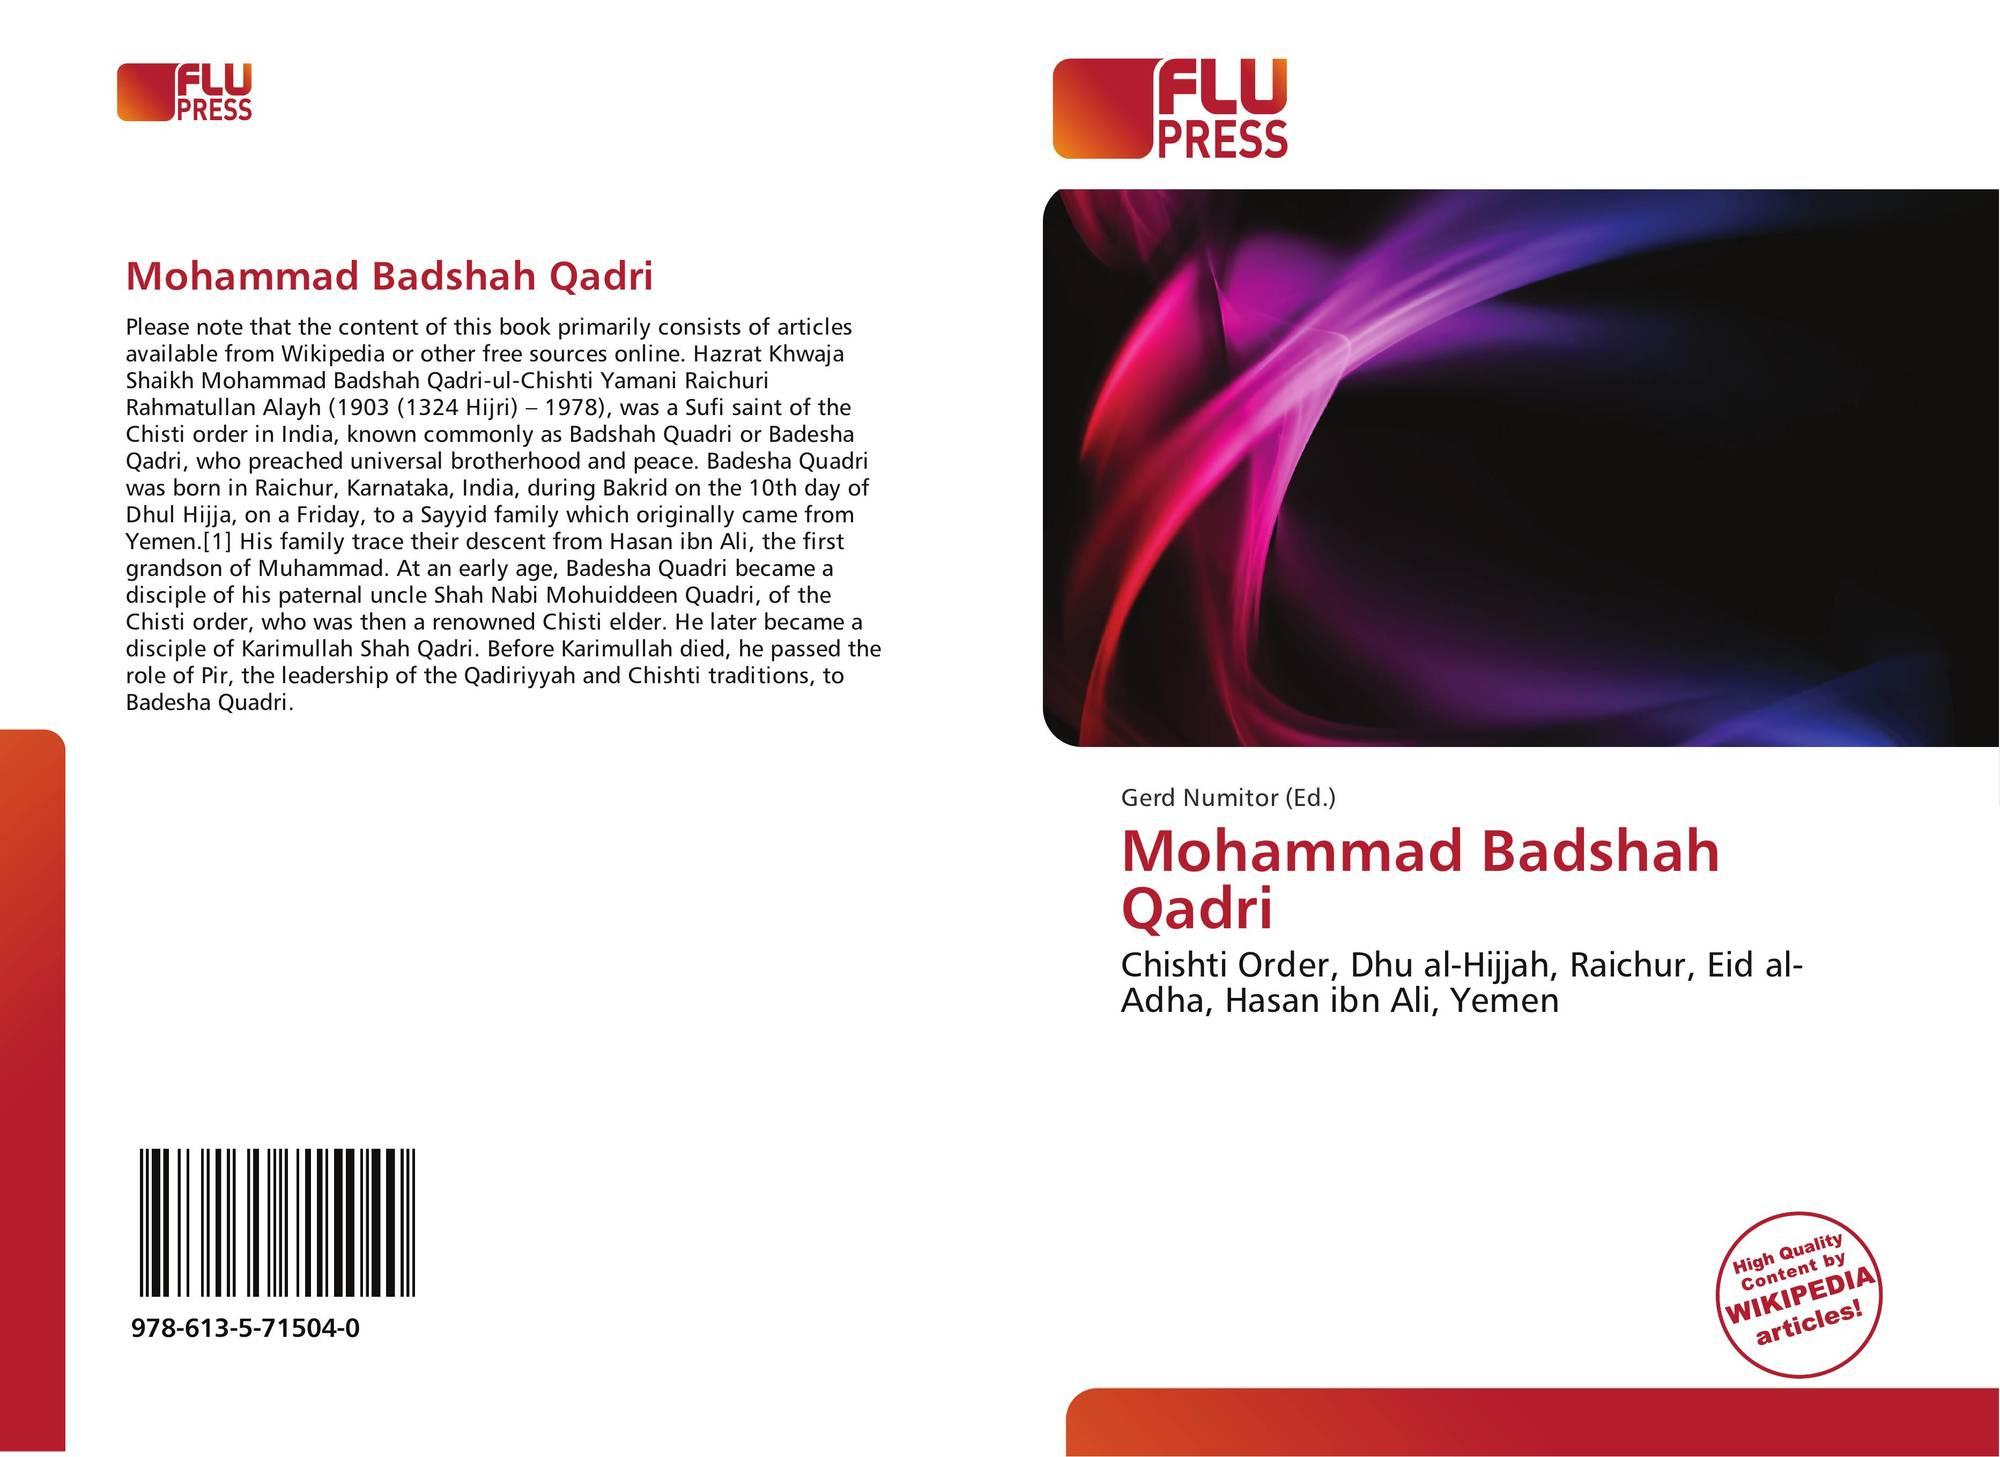 Mohammad Badshah Qadri, 978-613-5-71504-0, 6135715046